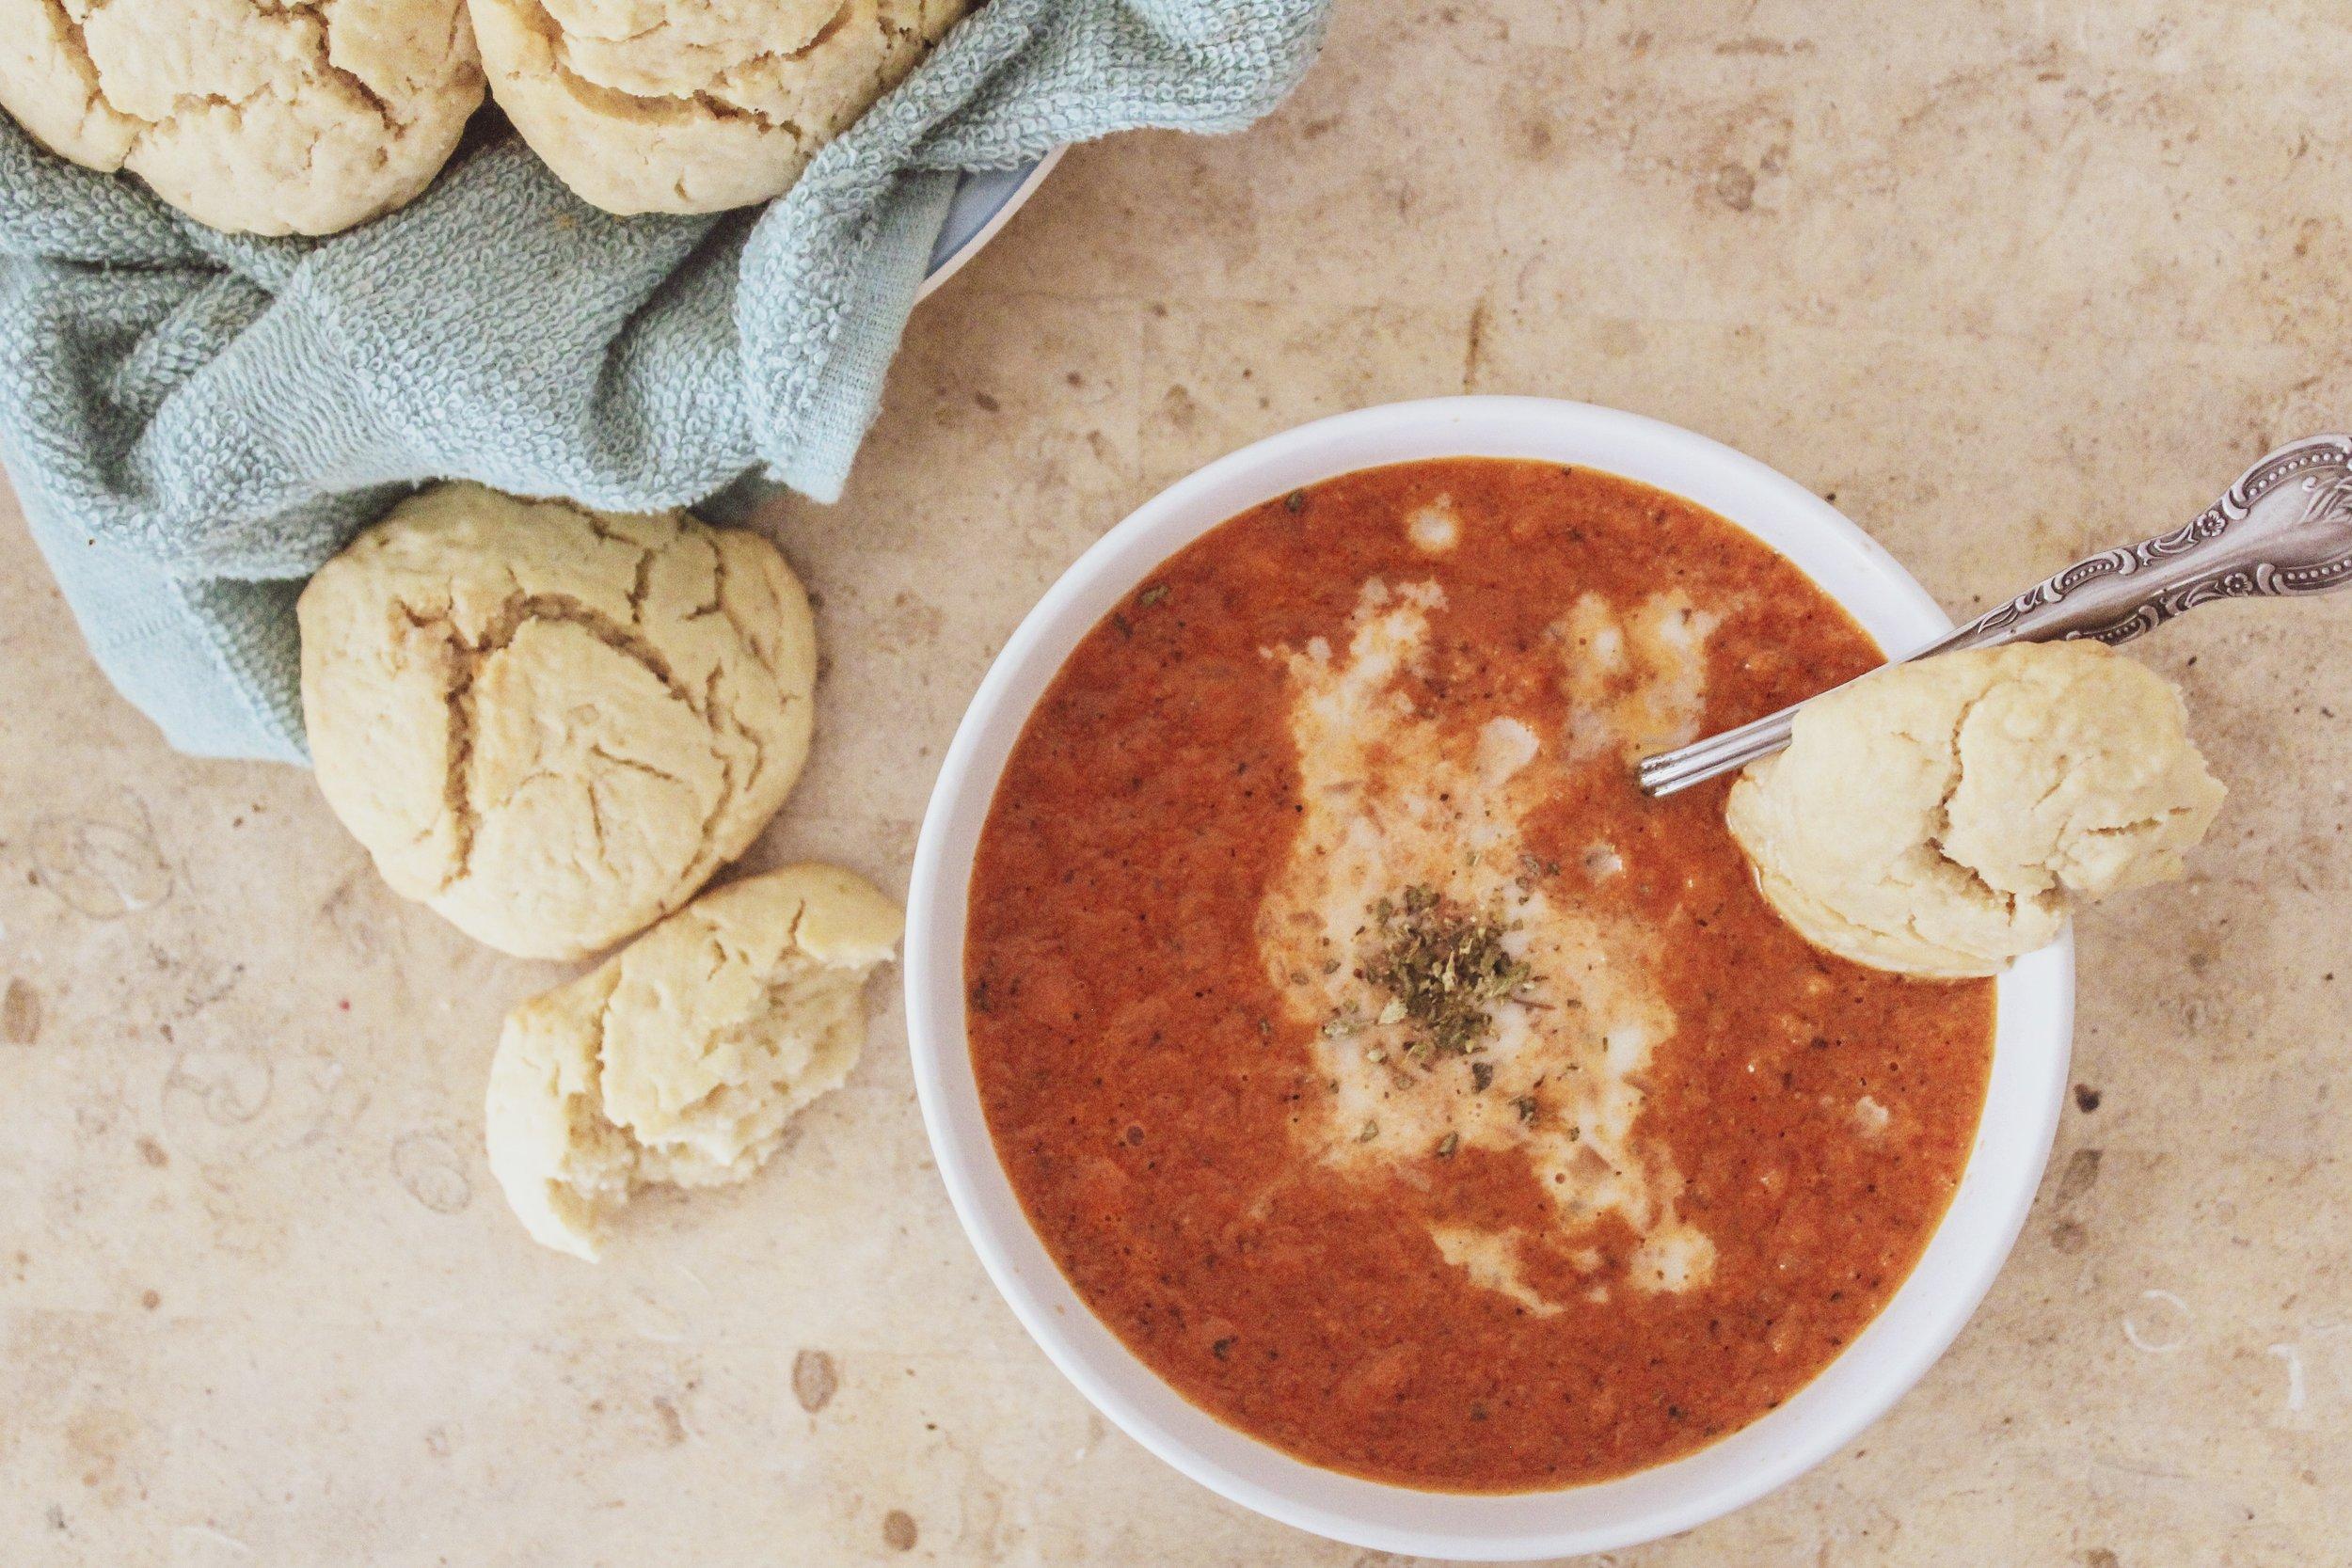 Sopa de Tomate y Biscuits